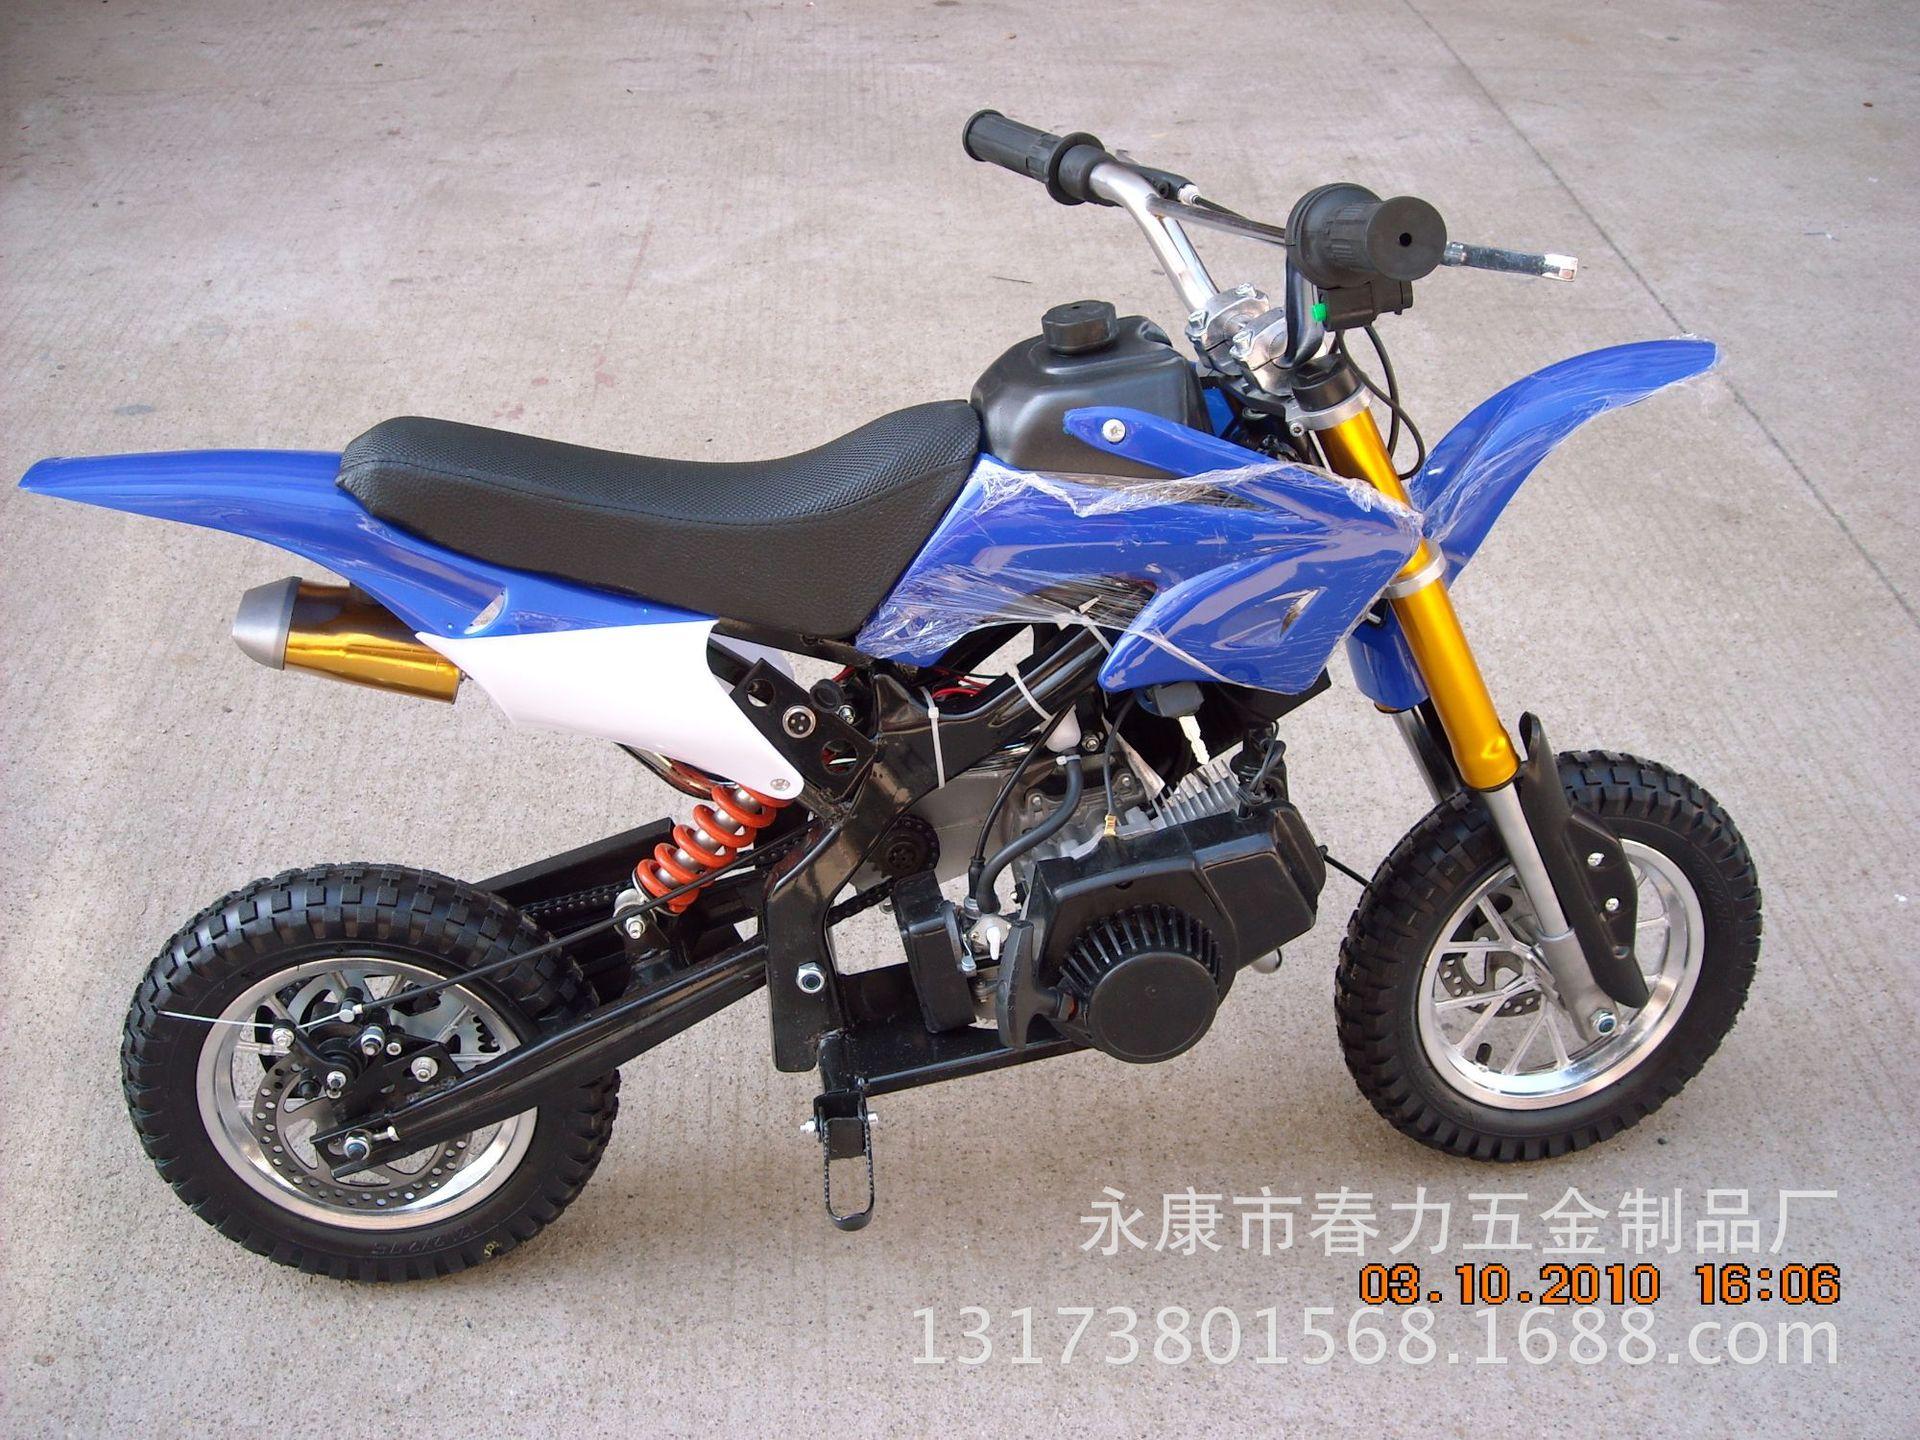 世界摩托车跑车品牌_越野摩托车_49cc二冲小阿波罗小越野摩托车跑车沙滩车 - 阿里巴巴